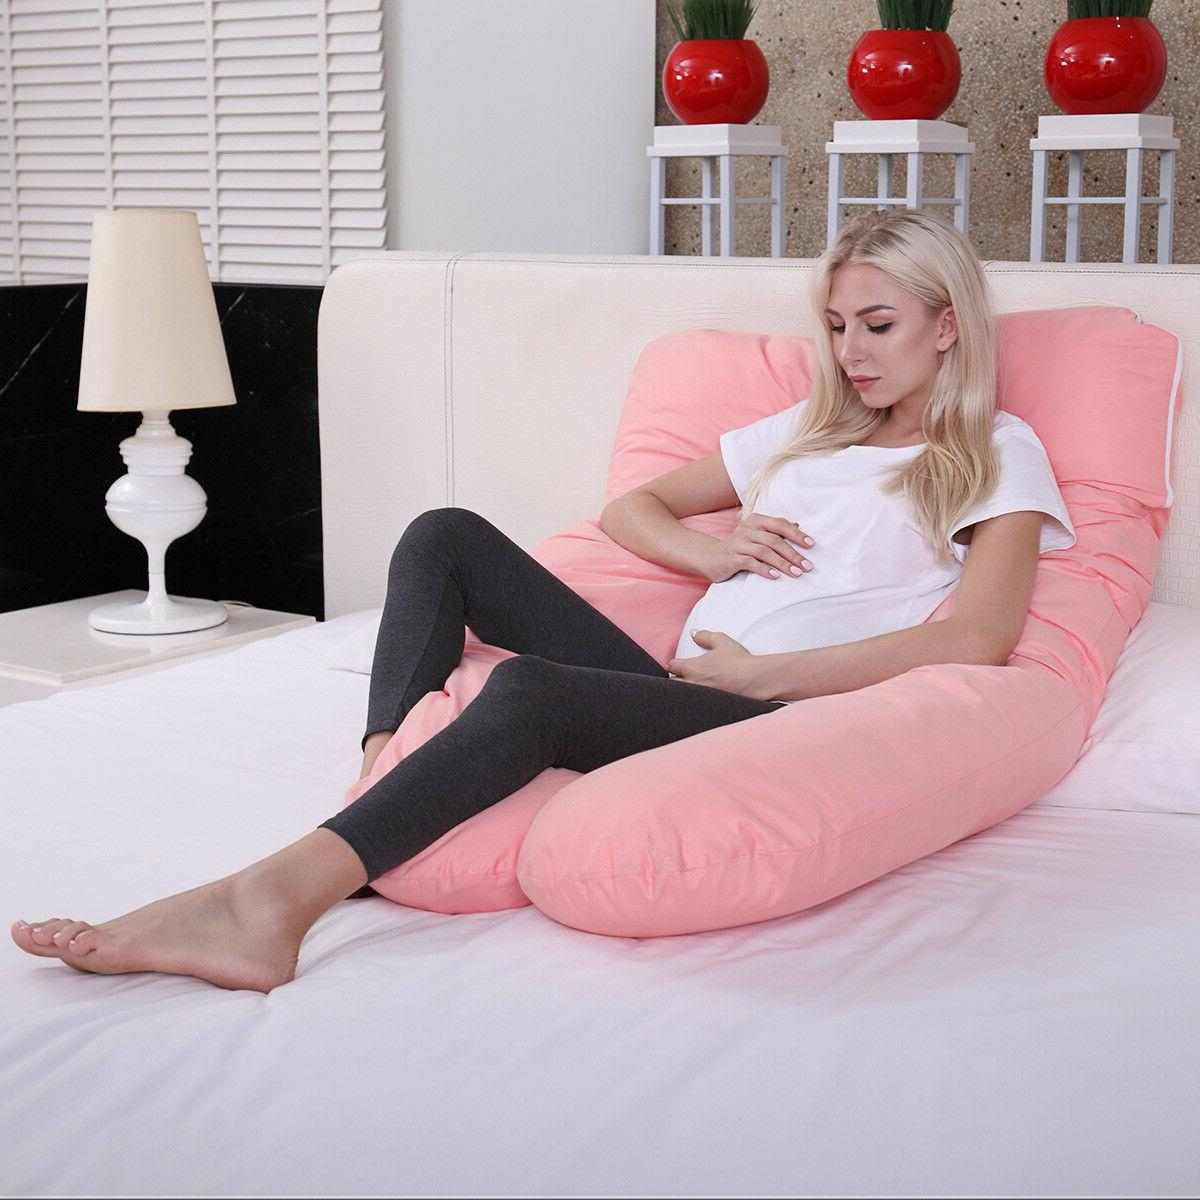 U Shaped Contoured Body Pregnancy / Maternity w/ Zippered